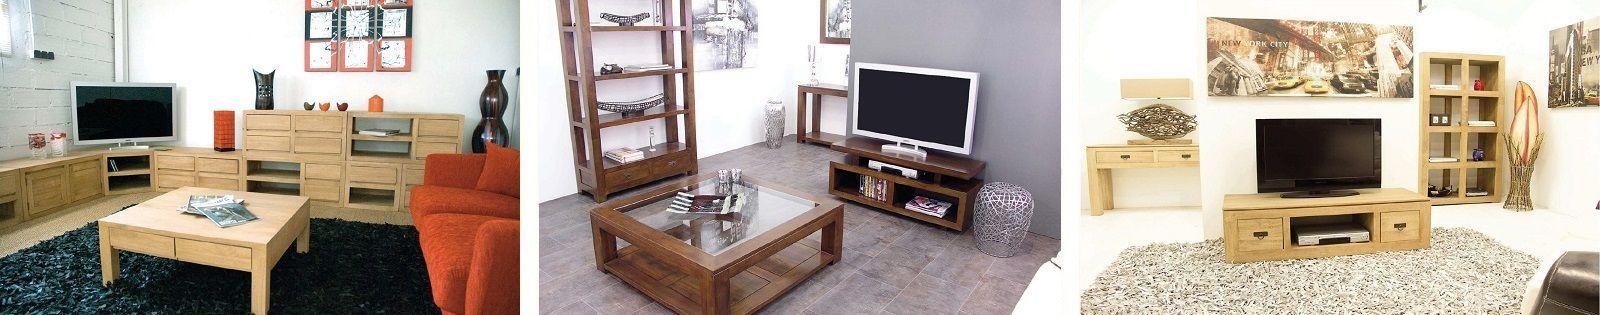 Meuble TV en hévéa massif de qualité, meuble tv d'angle - Lotuséa